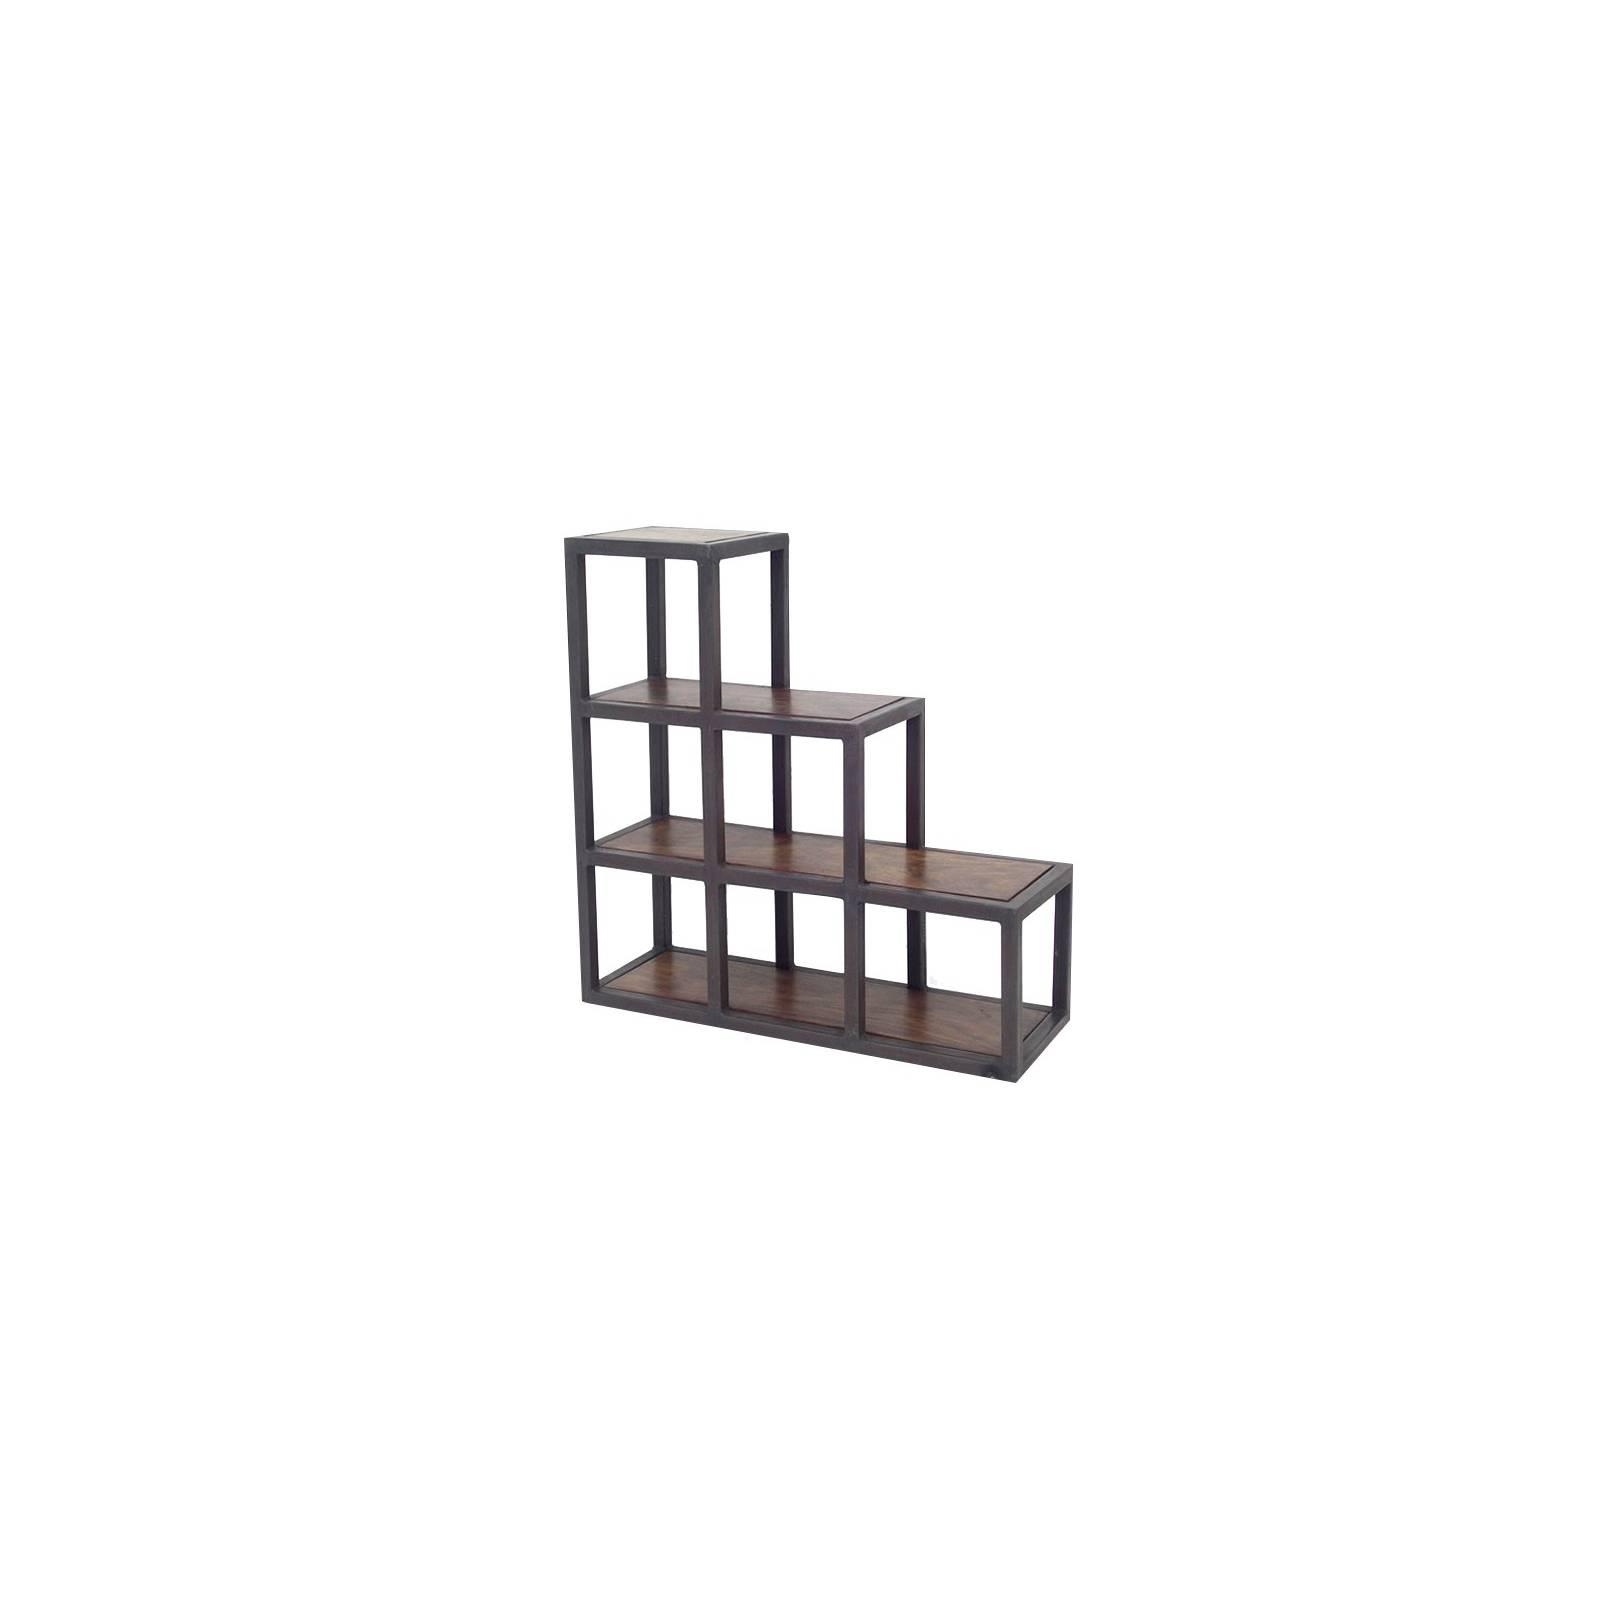 Escalier Étagère Loft Fer forgé et Palissandre - meuble style industriel